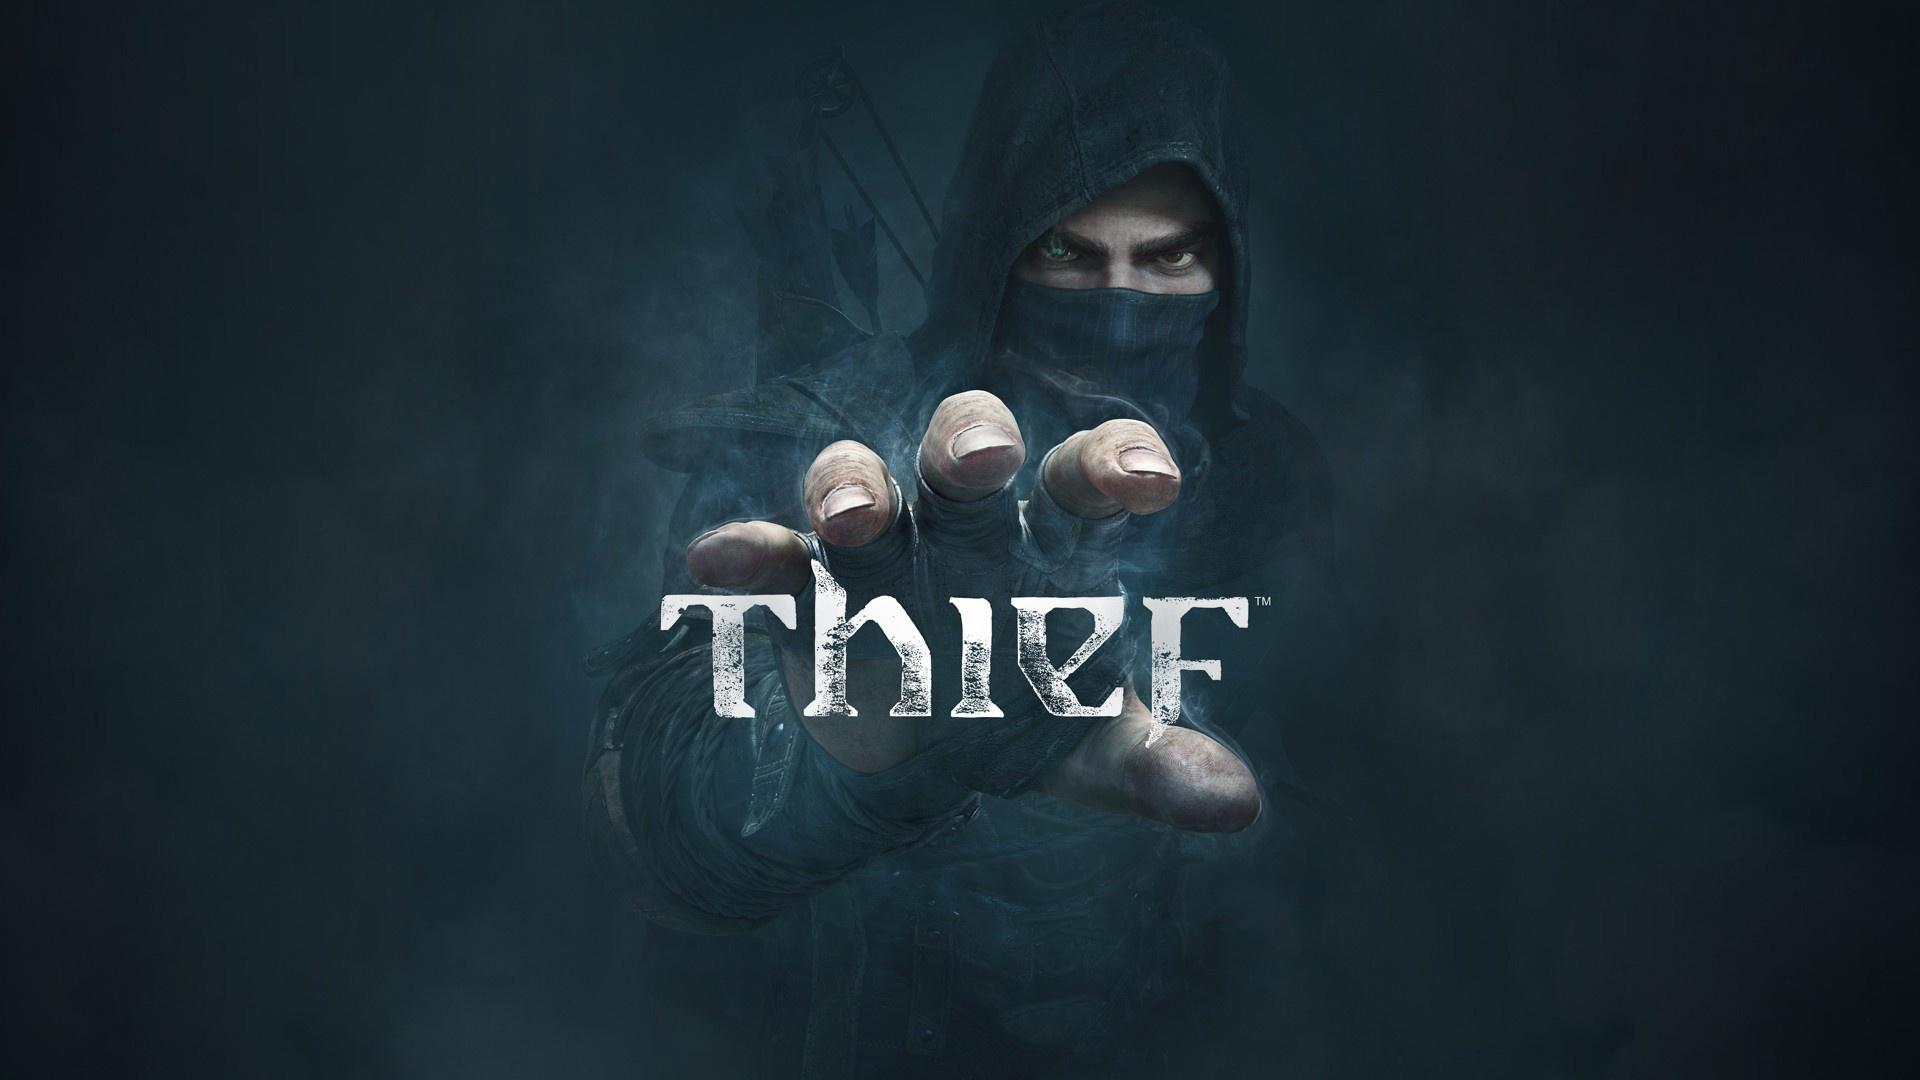 игра thief для ps4